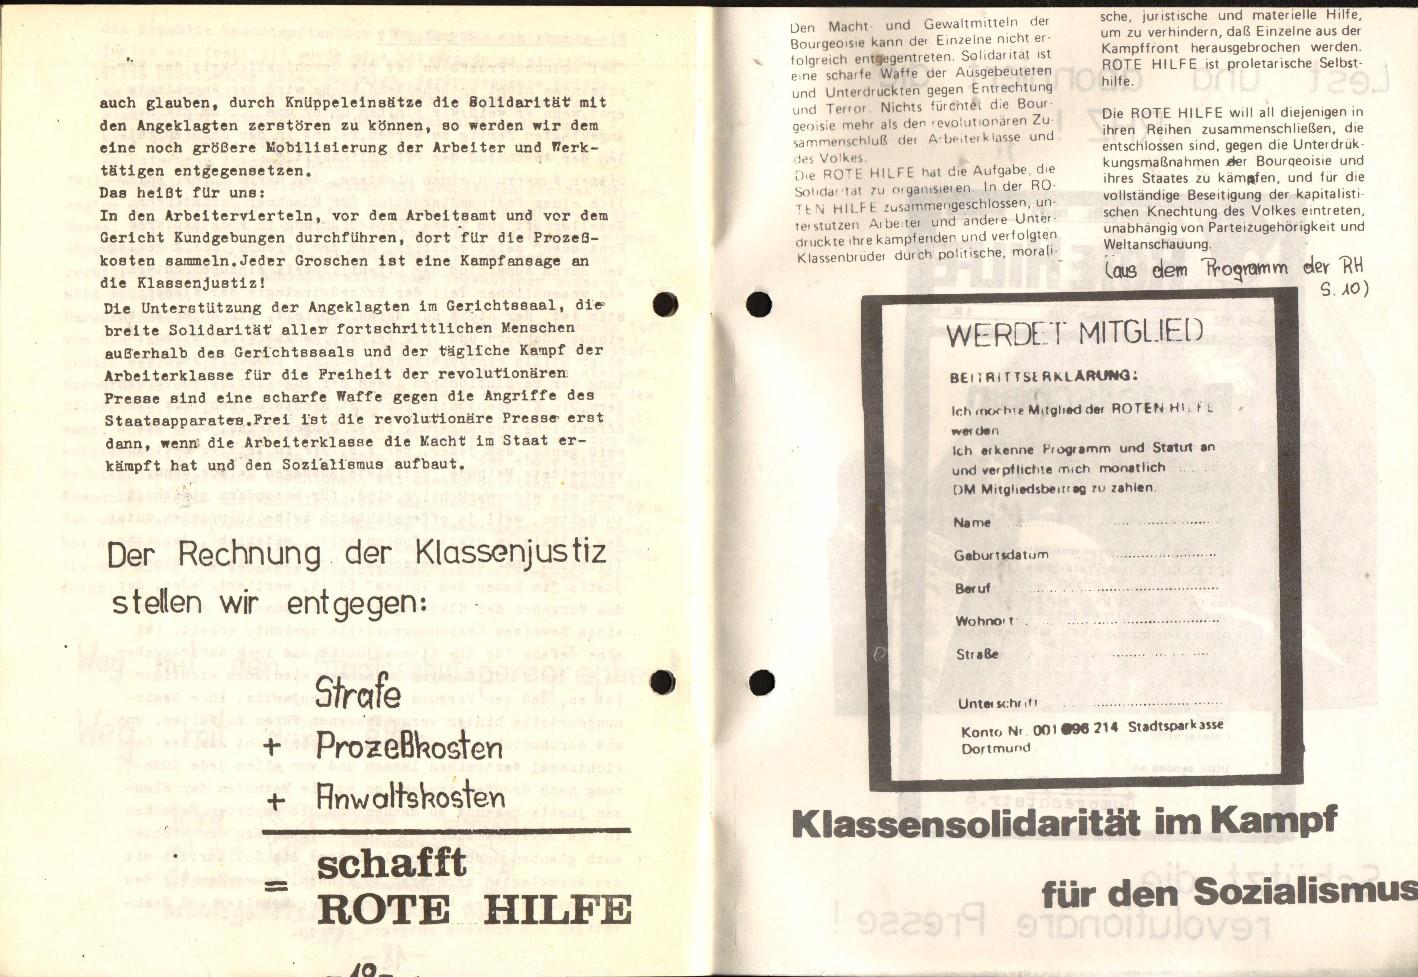 Dortmund_RH_1975_Freispruch_fuer_Luczak_und_Semler_11